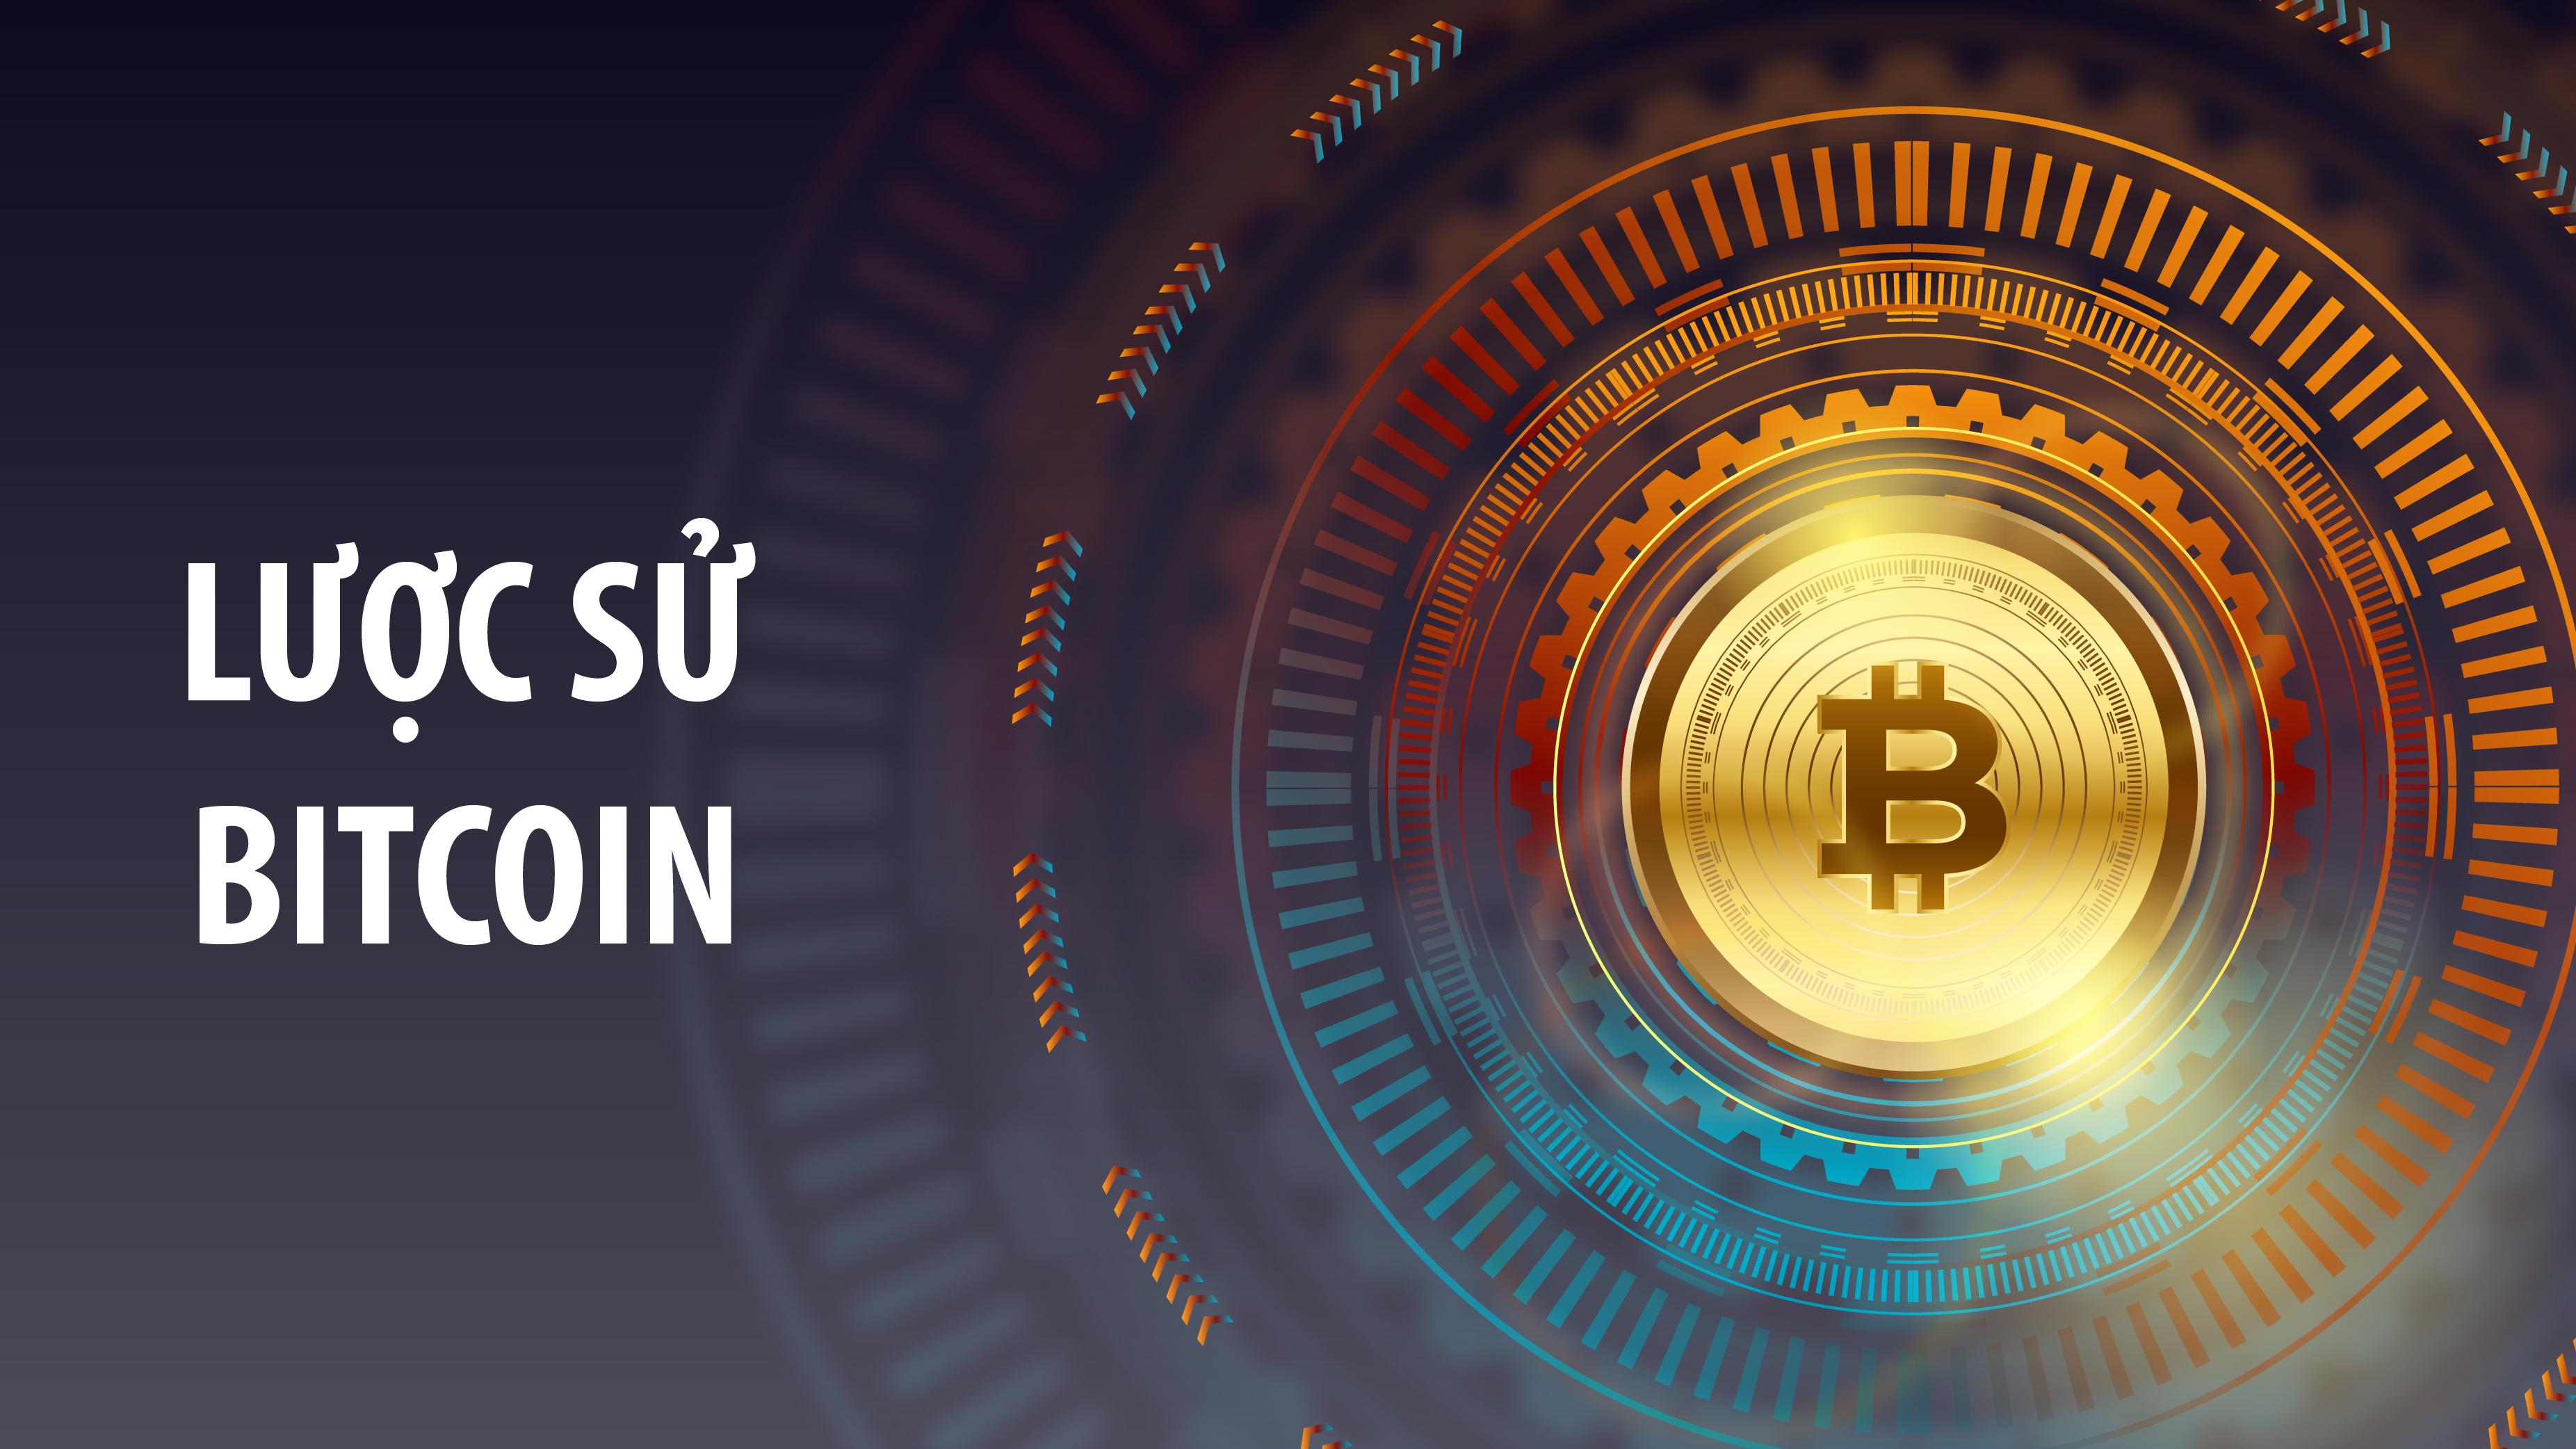 Lược sử Bitcoin